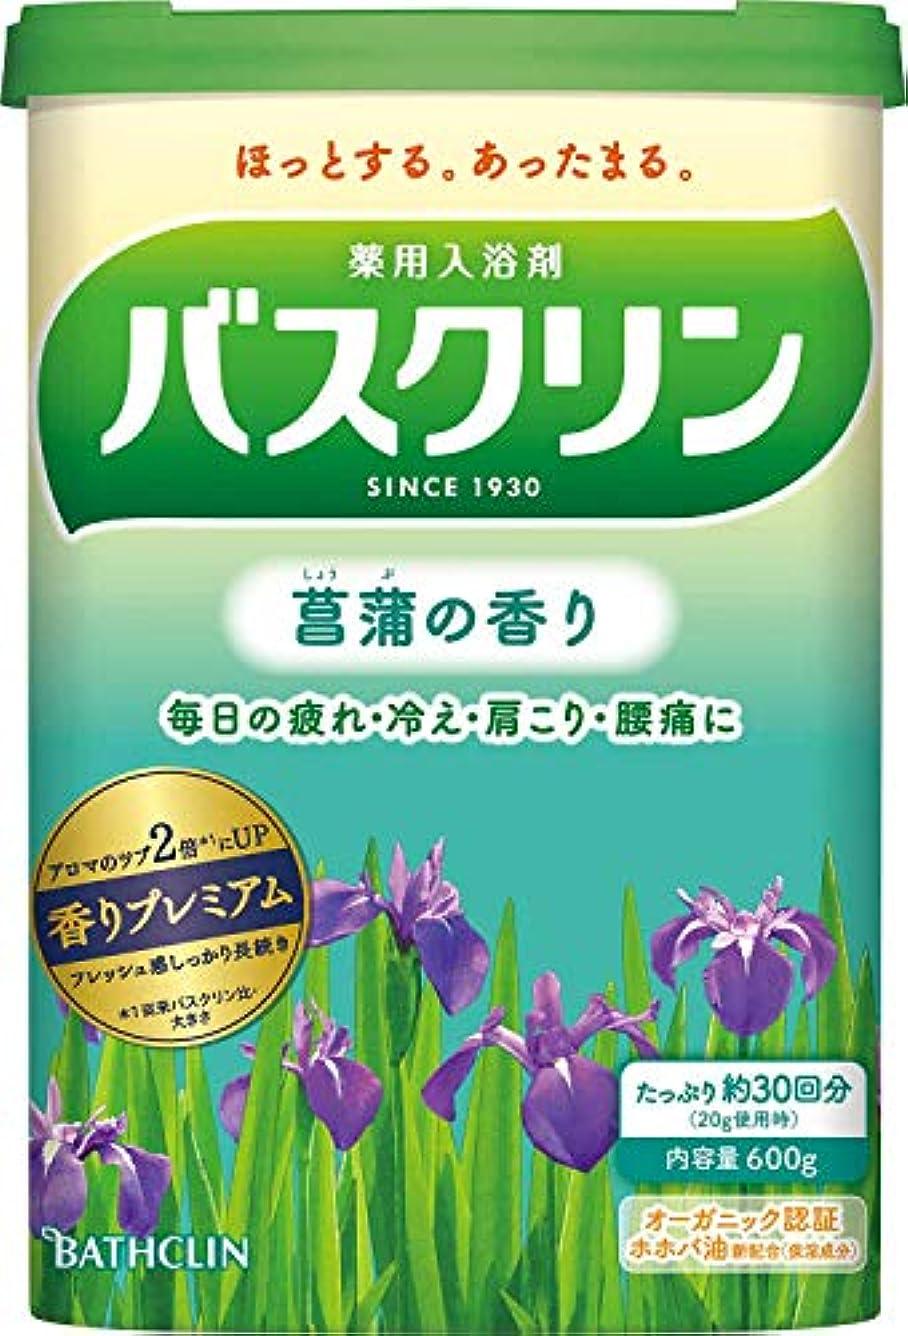 魅了する貸し手蒸留する【医薬部外品】バスクリン入浴剤 菖蒲の香り600g(約30回分) 疲労回復